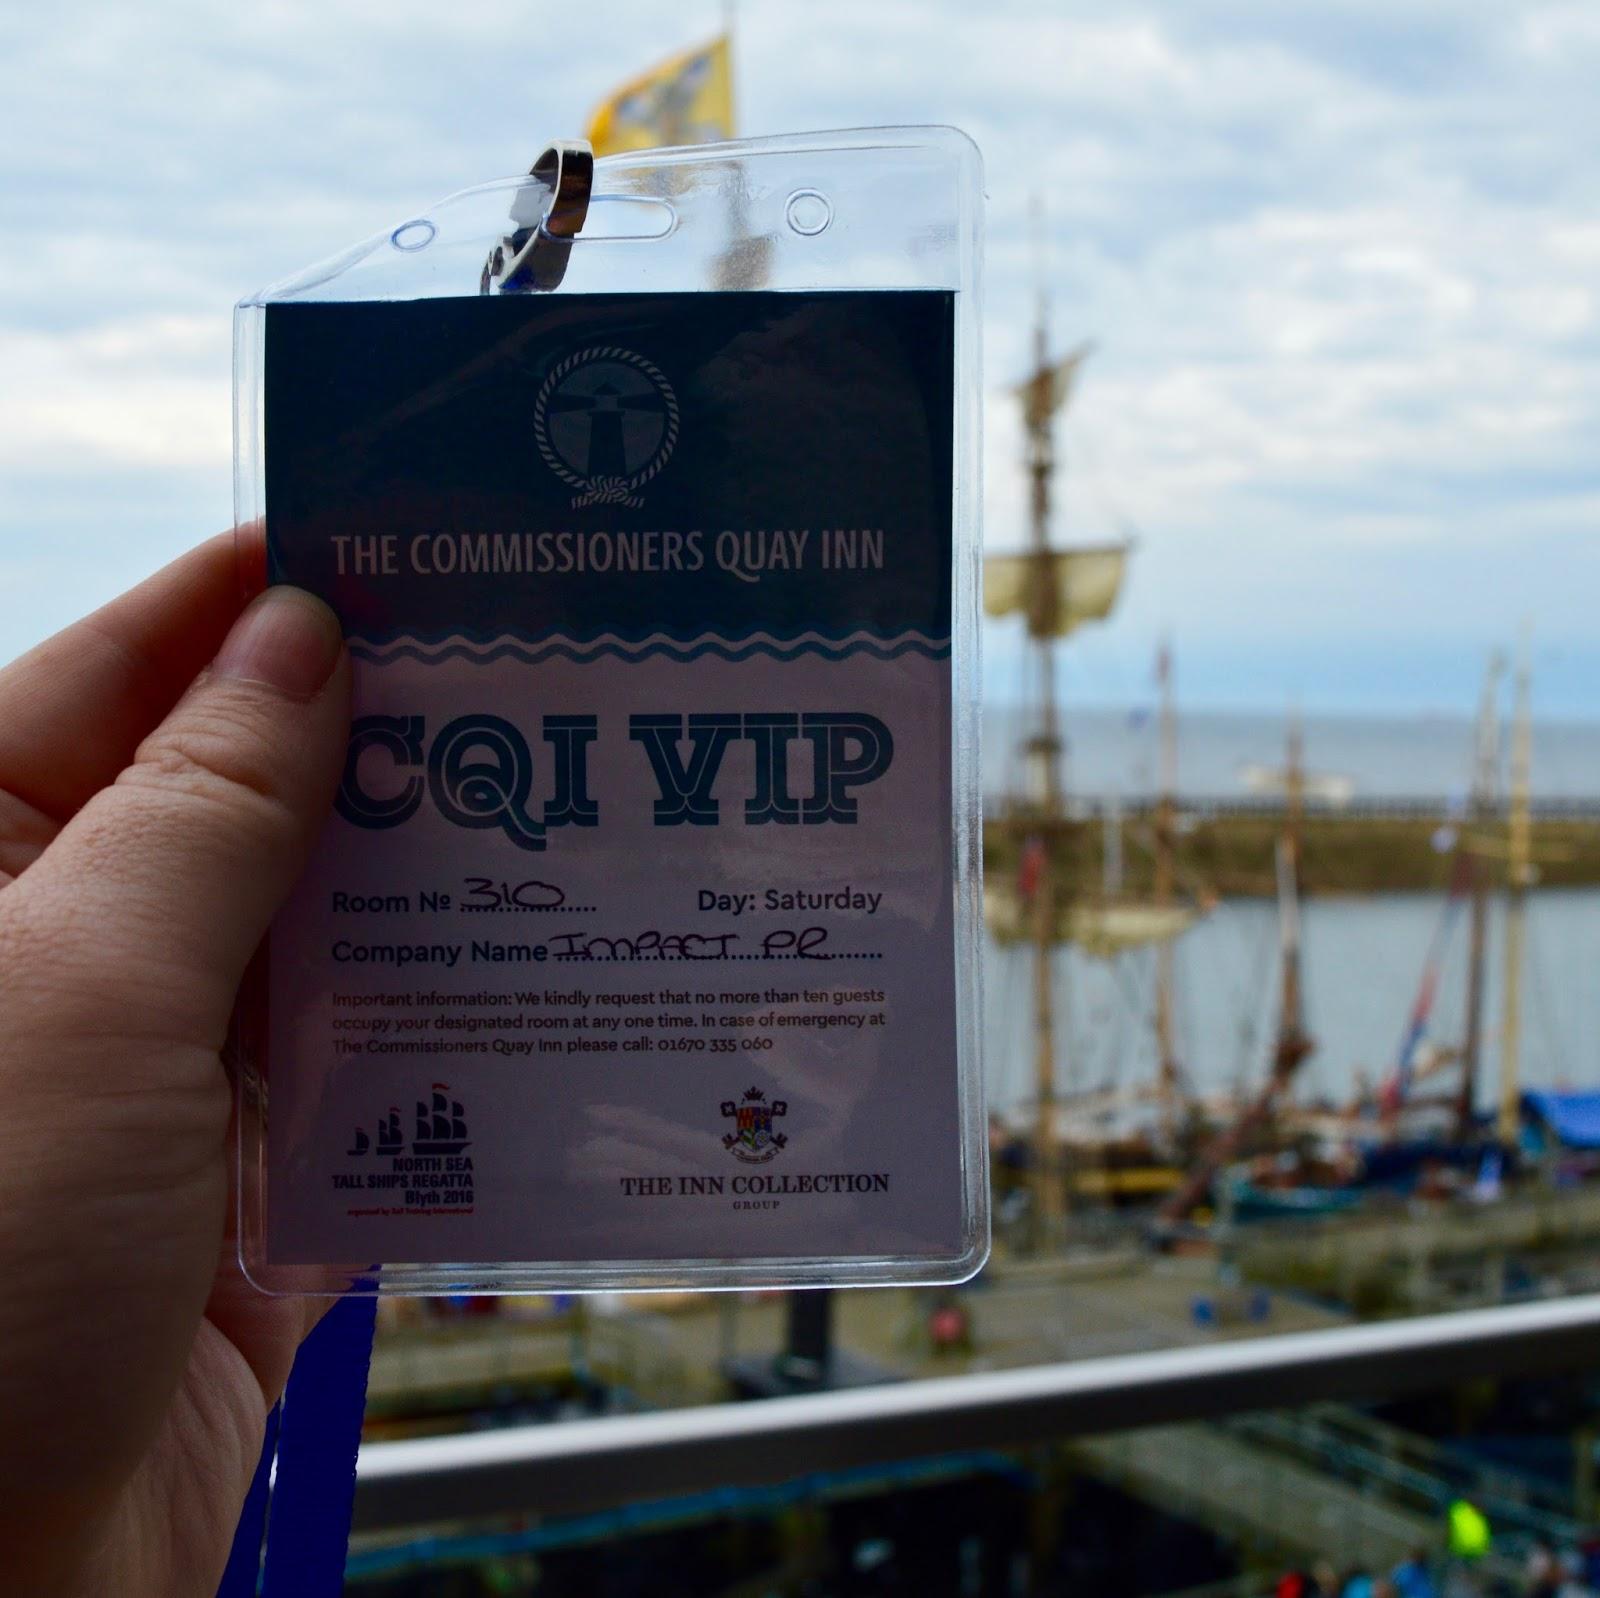 Tall Ships Regatta | Blyth 2016 | Commissioners Quay Inn - vip badge